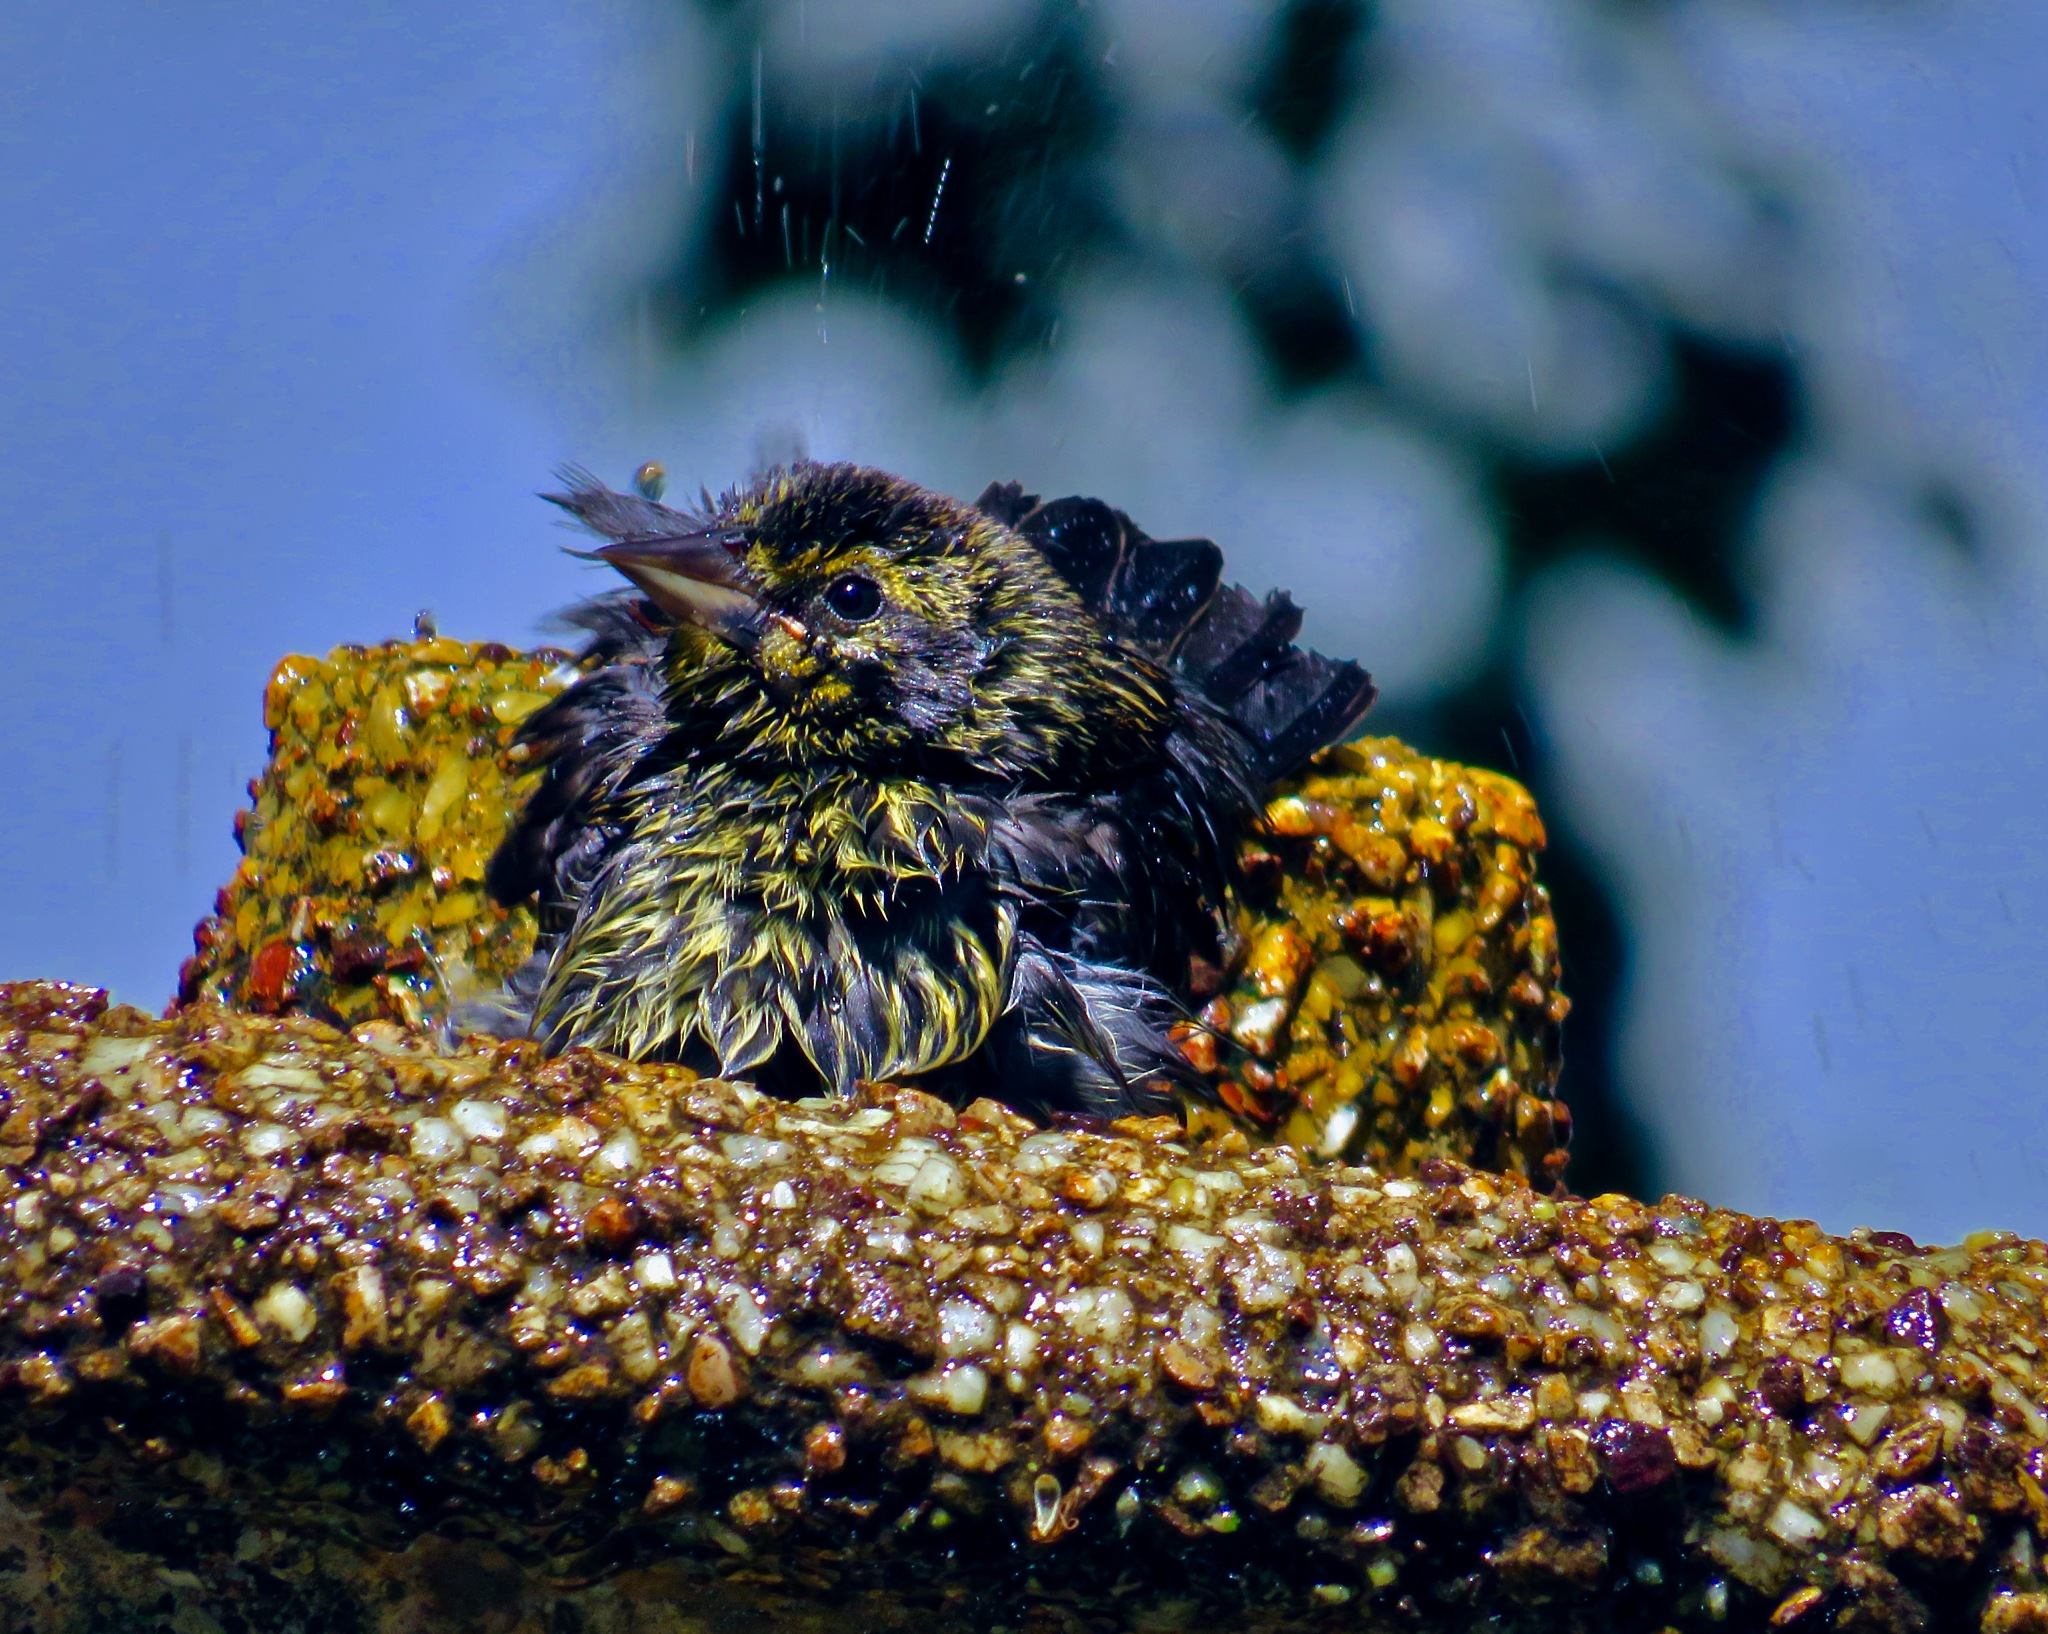 looking all happy n cool in the birdie pool !! by David Devion